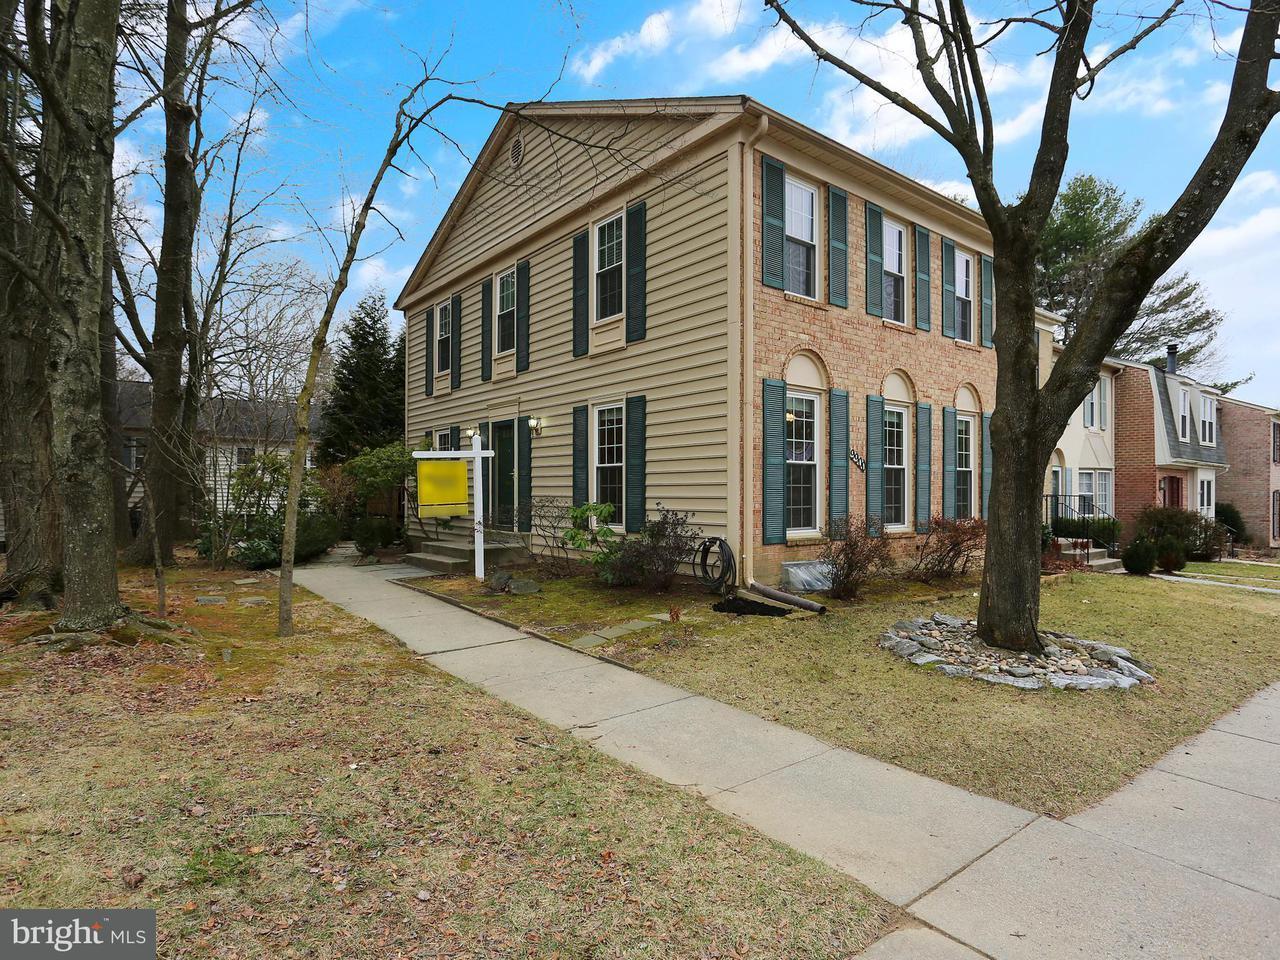 9900  Maple Leaf Montgomery Village, MD 20886